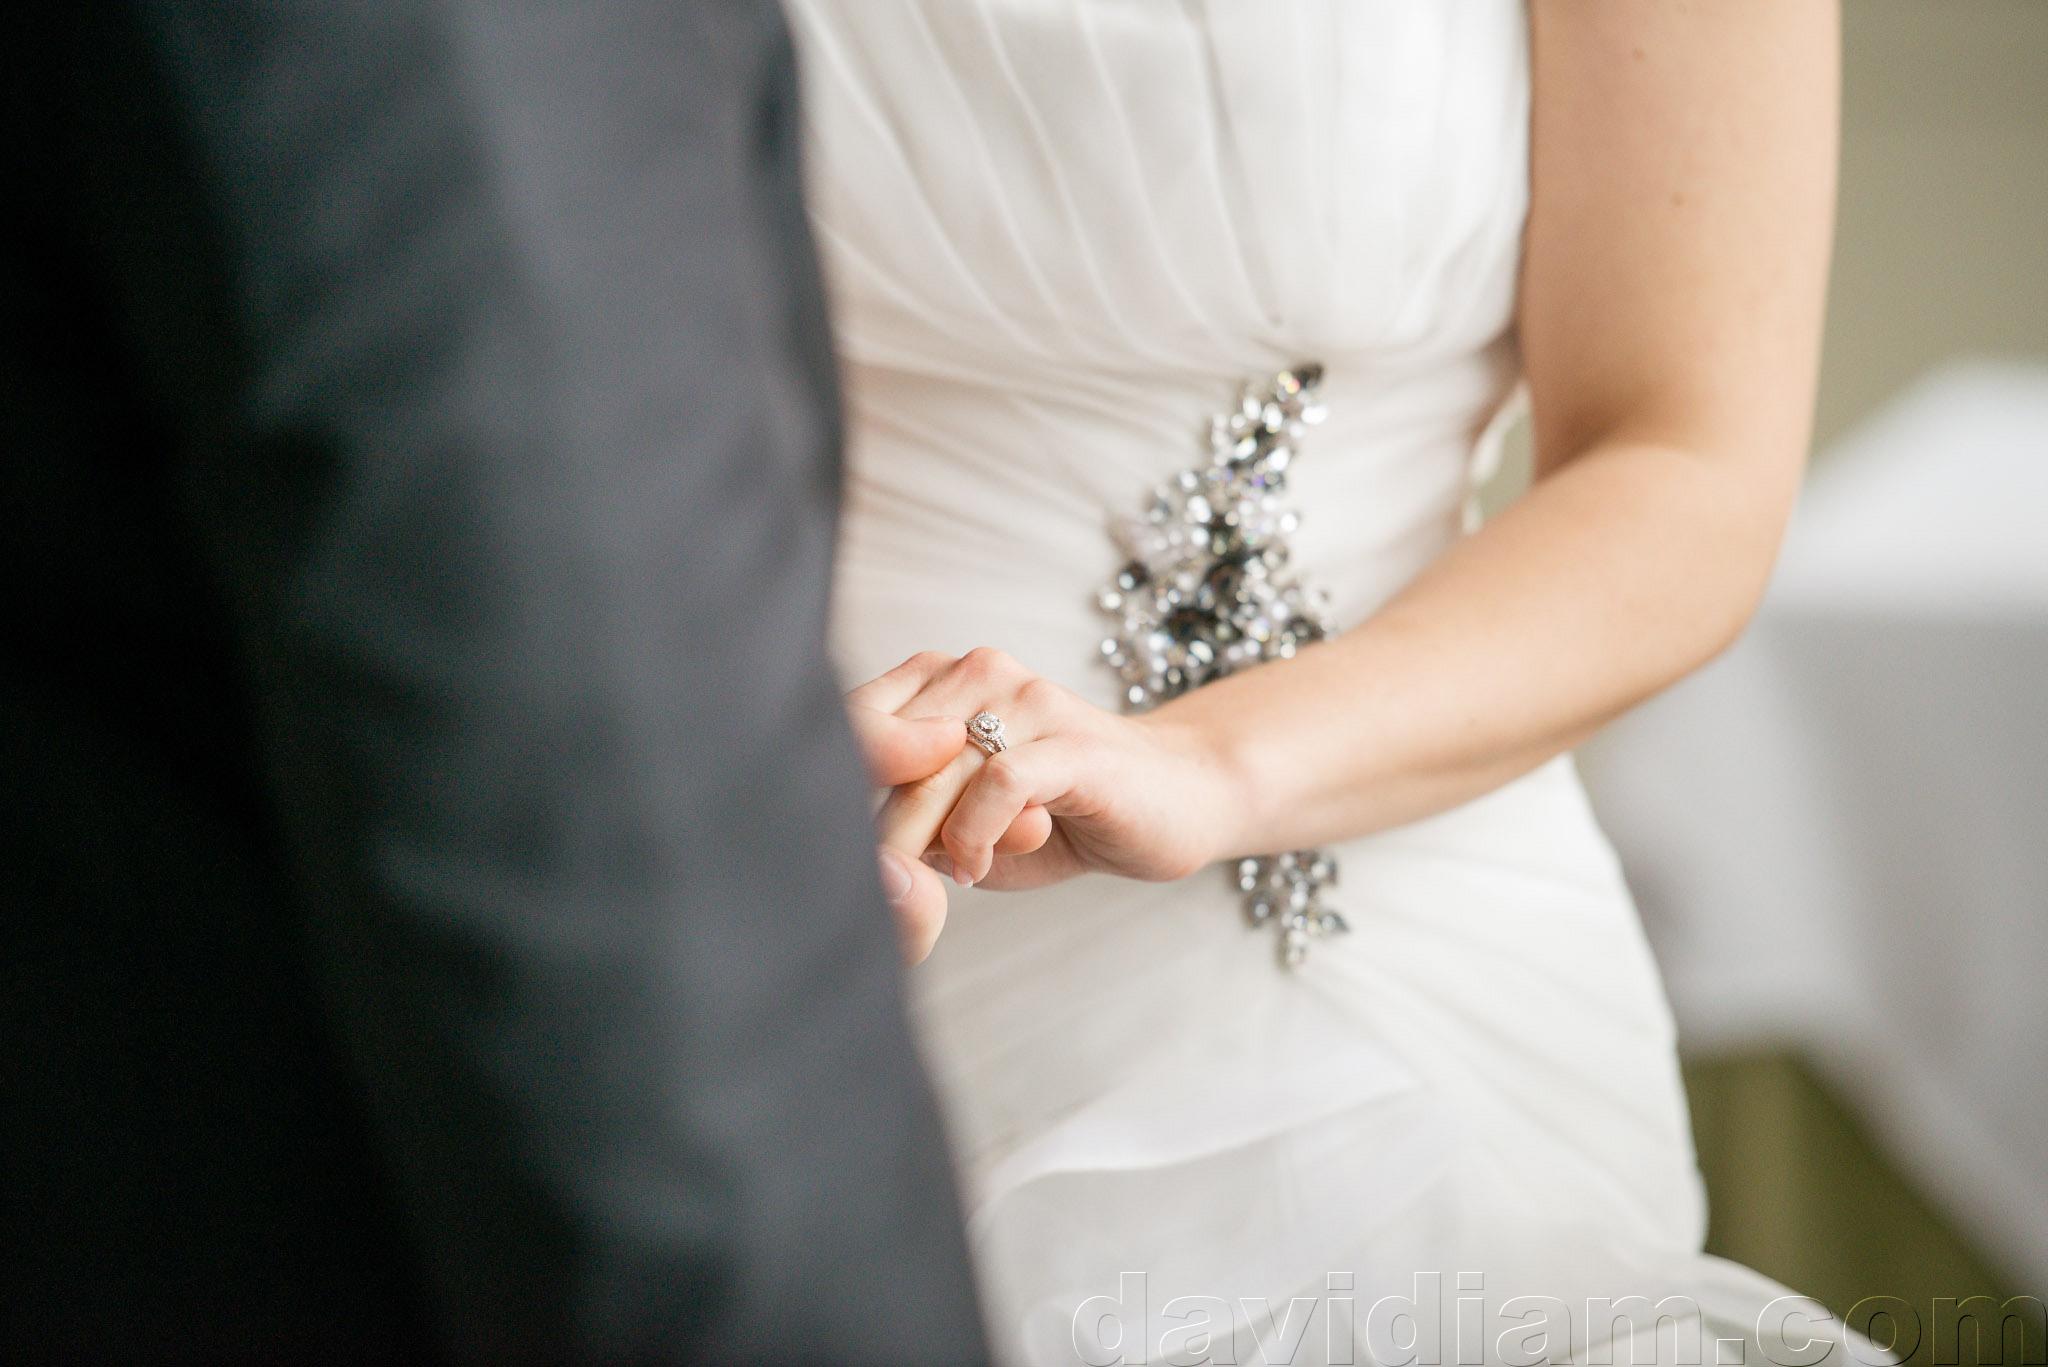 bruce-Hotel-Stratford-wedding-062.jpg